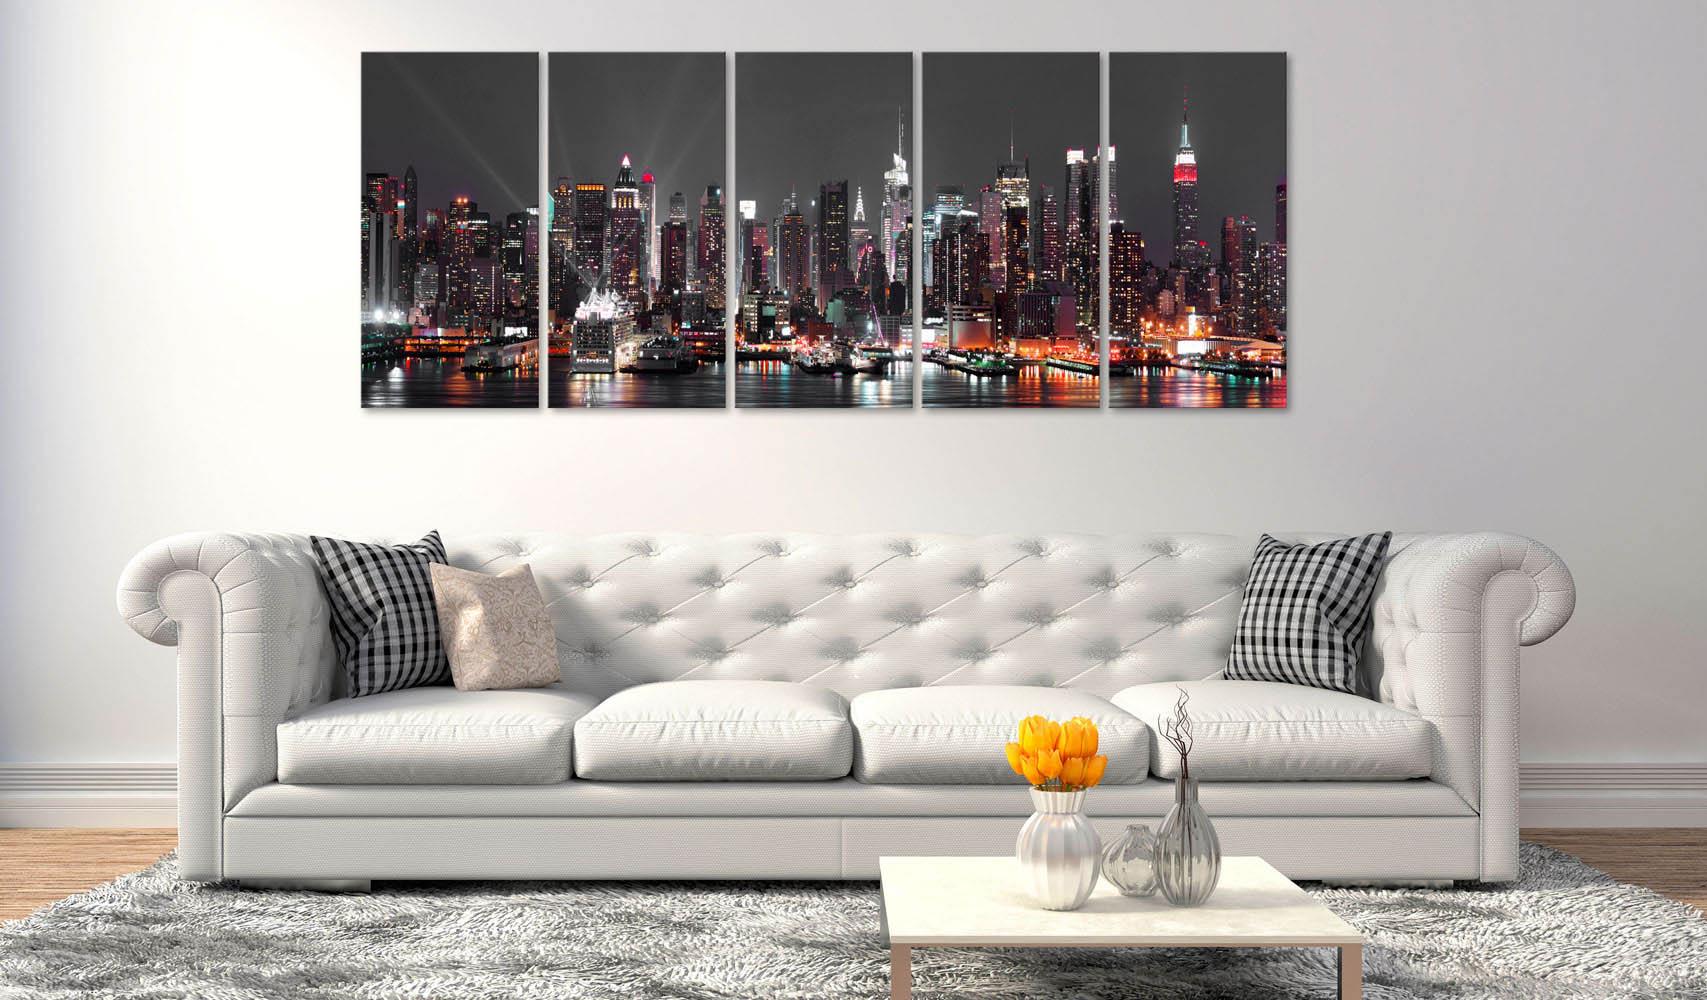 Picture of: Artgeist Billede New York Insomnia Pa Laerred Billeder Byer Bobo Mobler Boligtilbehor Og Indretning Til Hjemmet